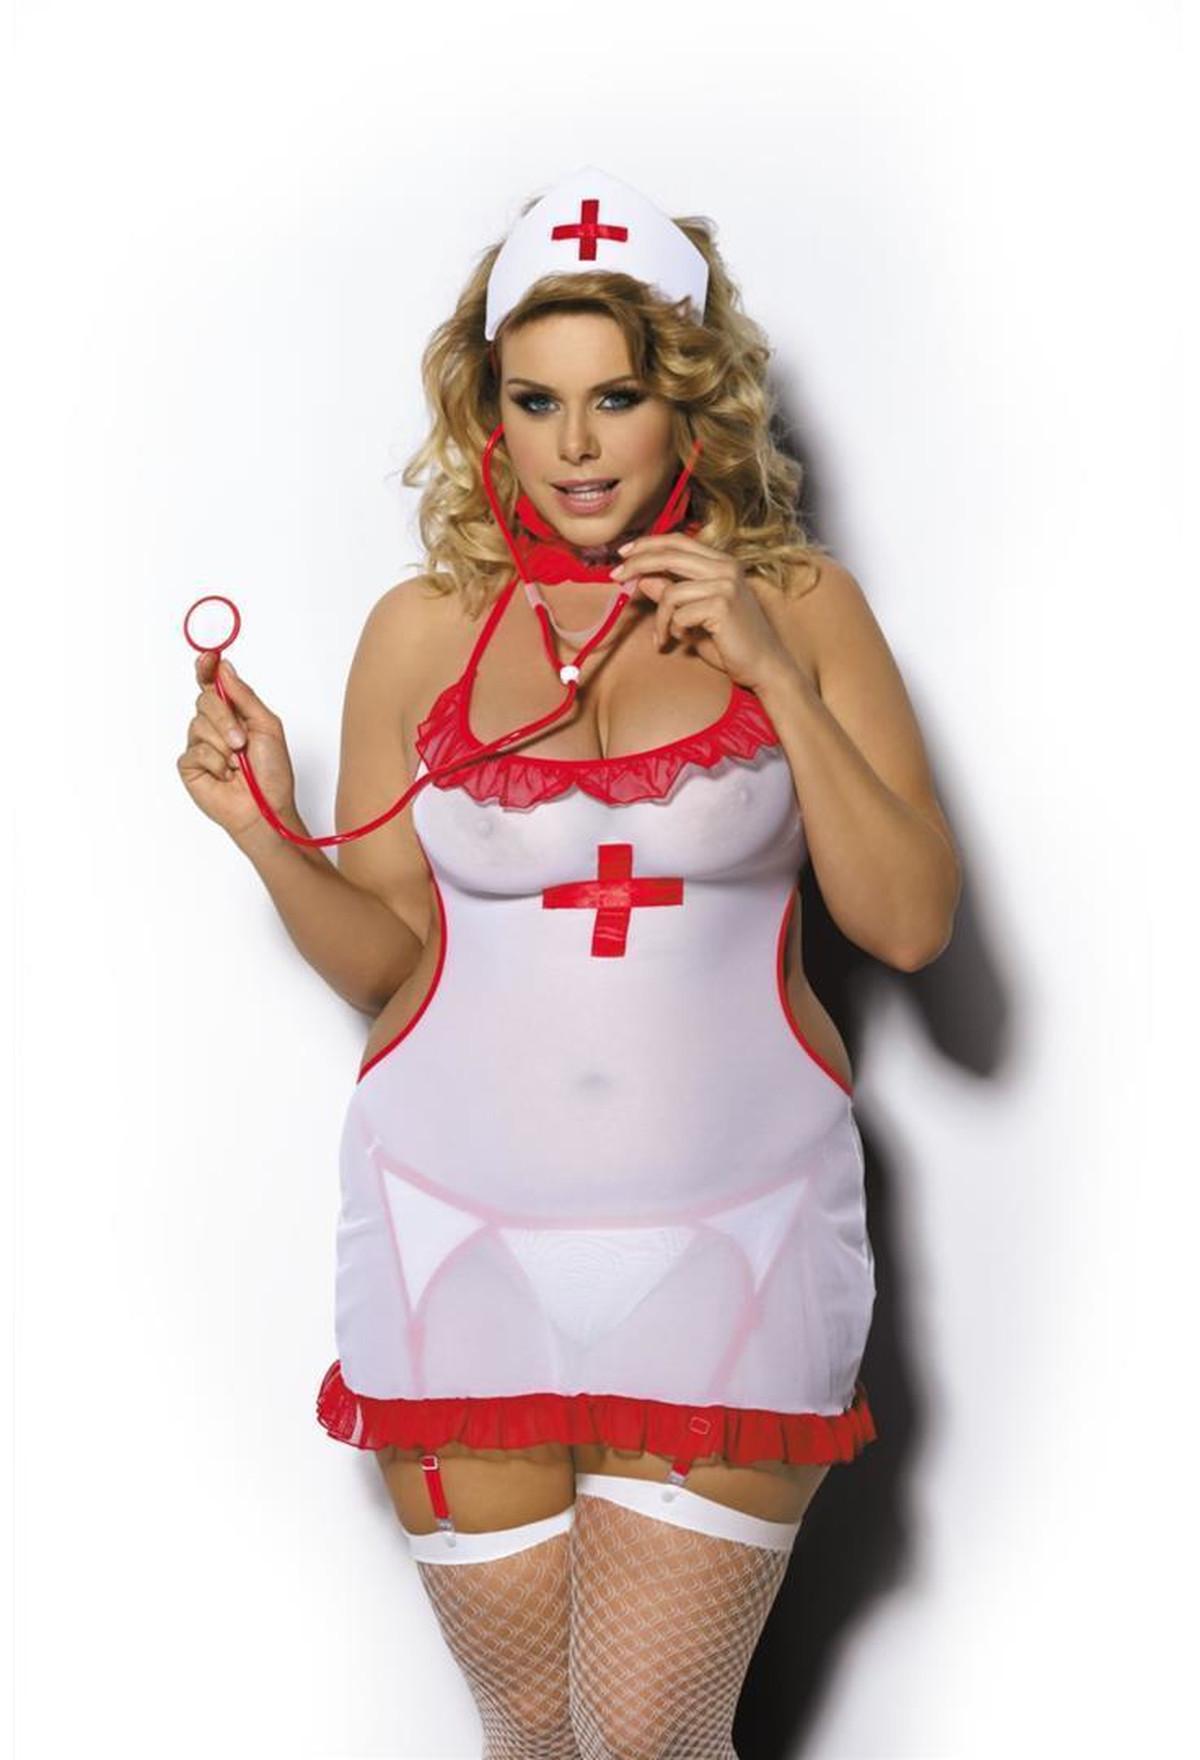 AS Shane Krankenschwester-Kostüm